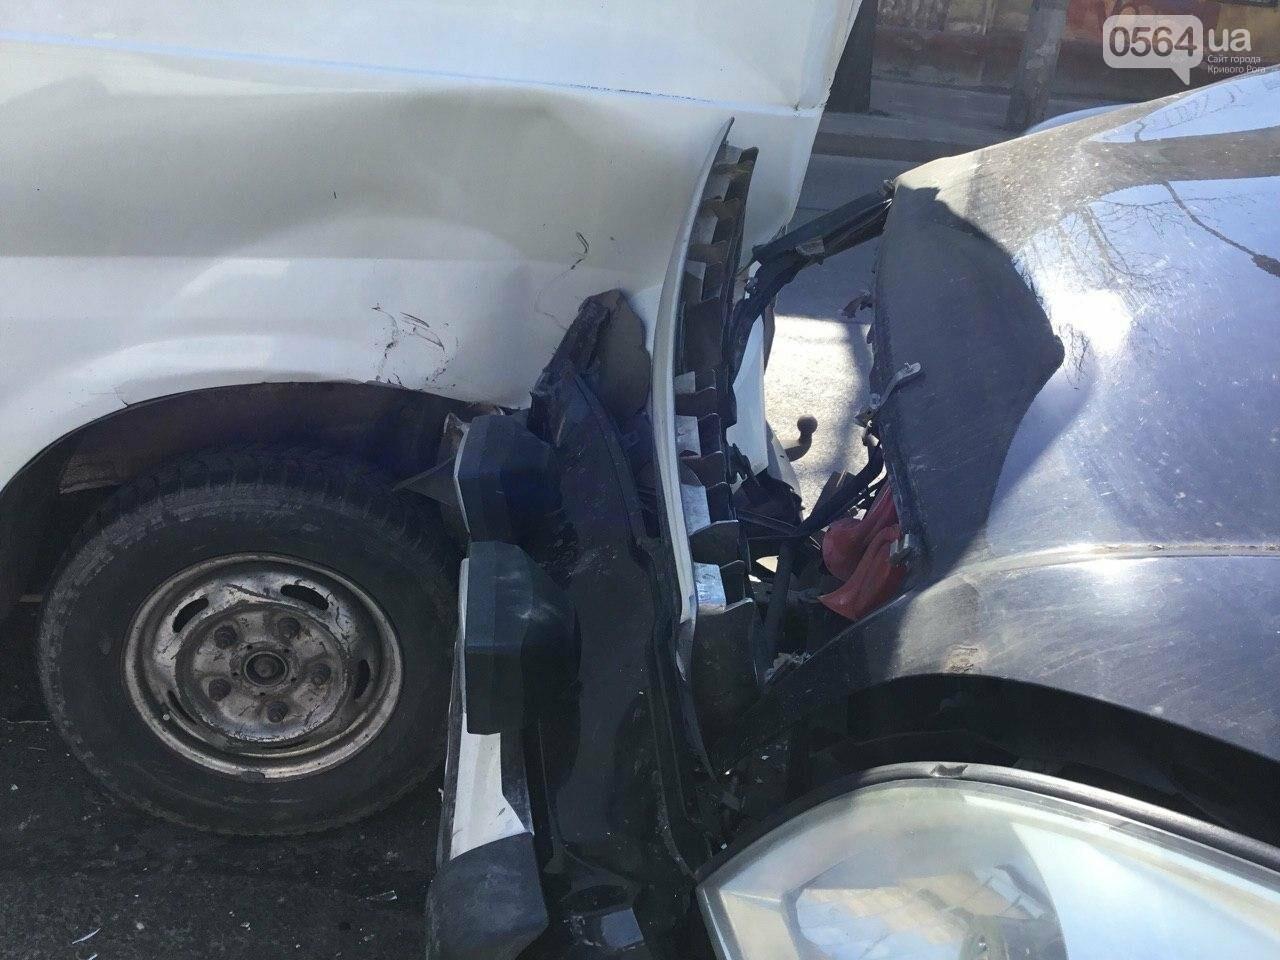 На центральном проспекте Кривого Рога столкнулись 4 автомобиля, - ФОТО, фото-8